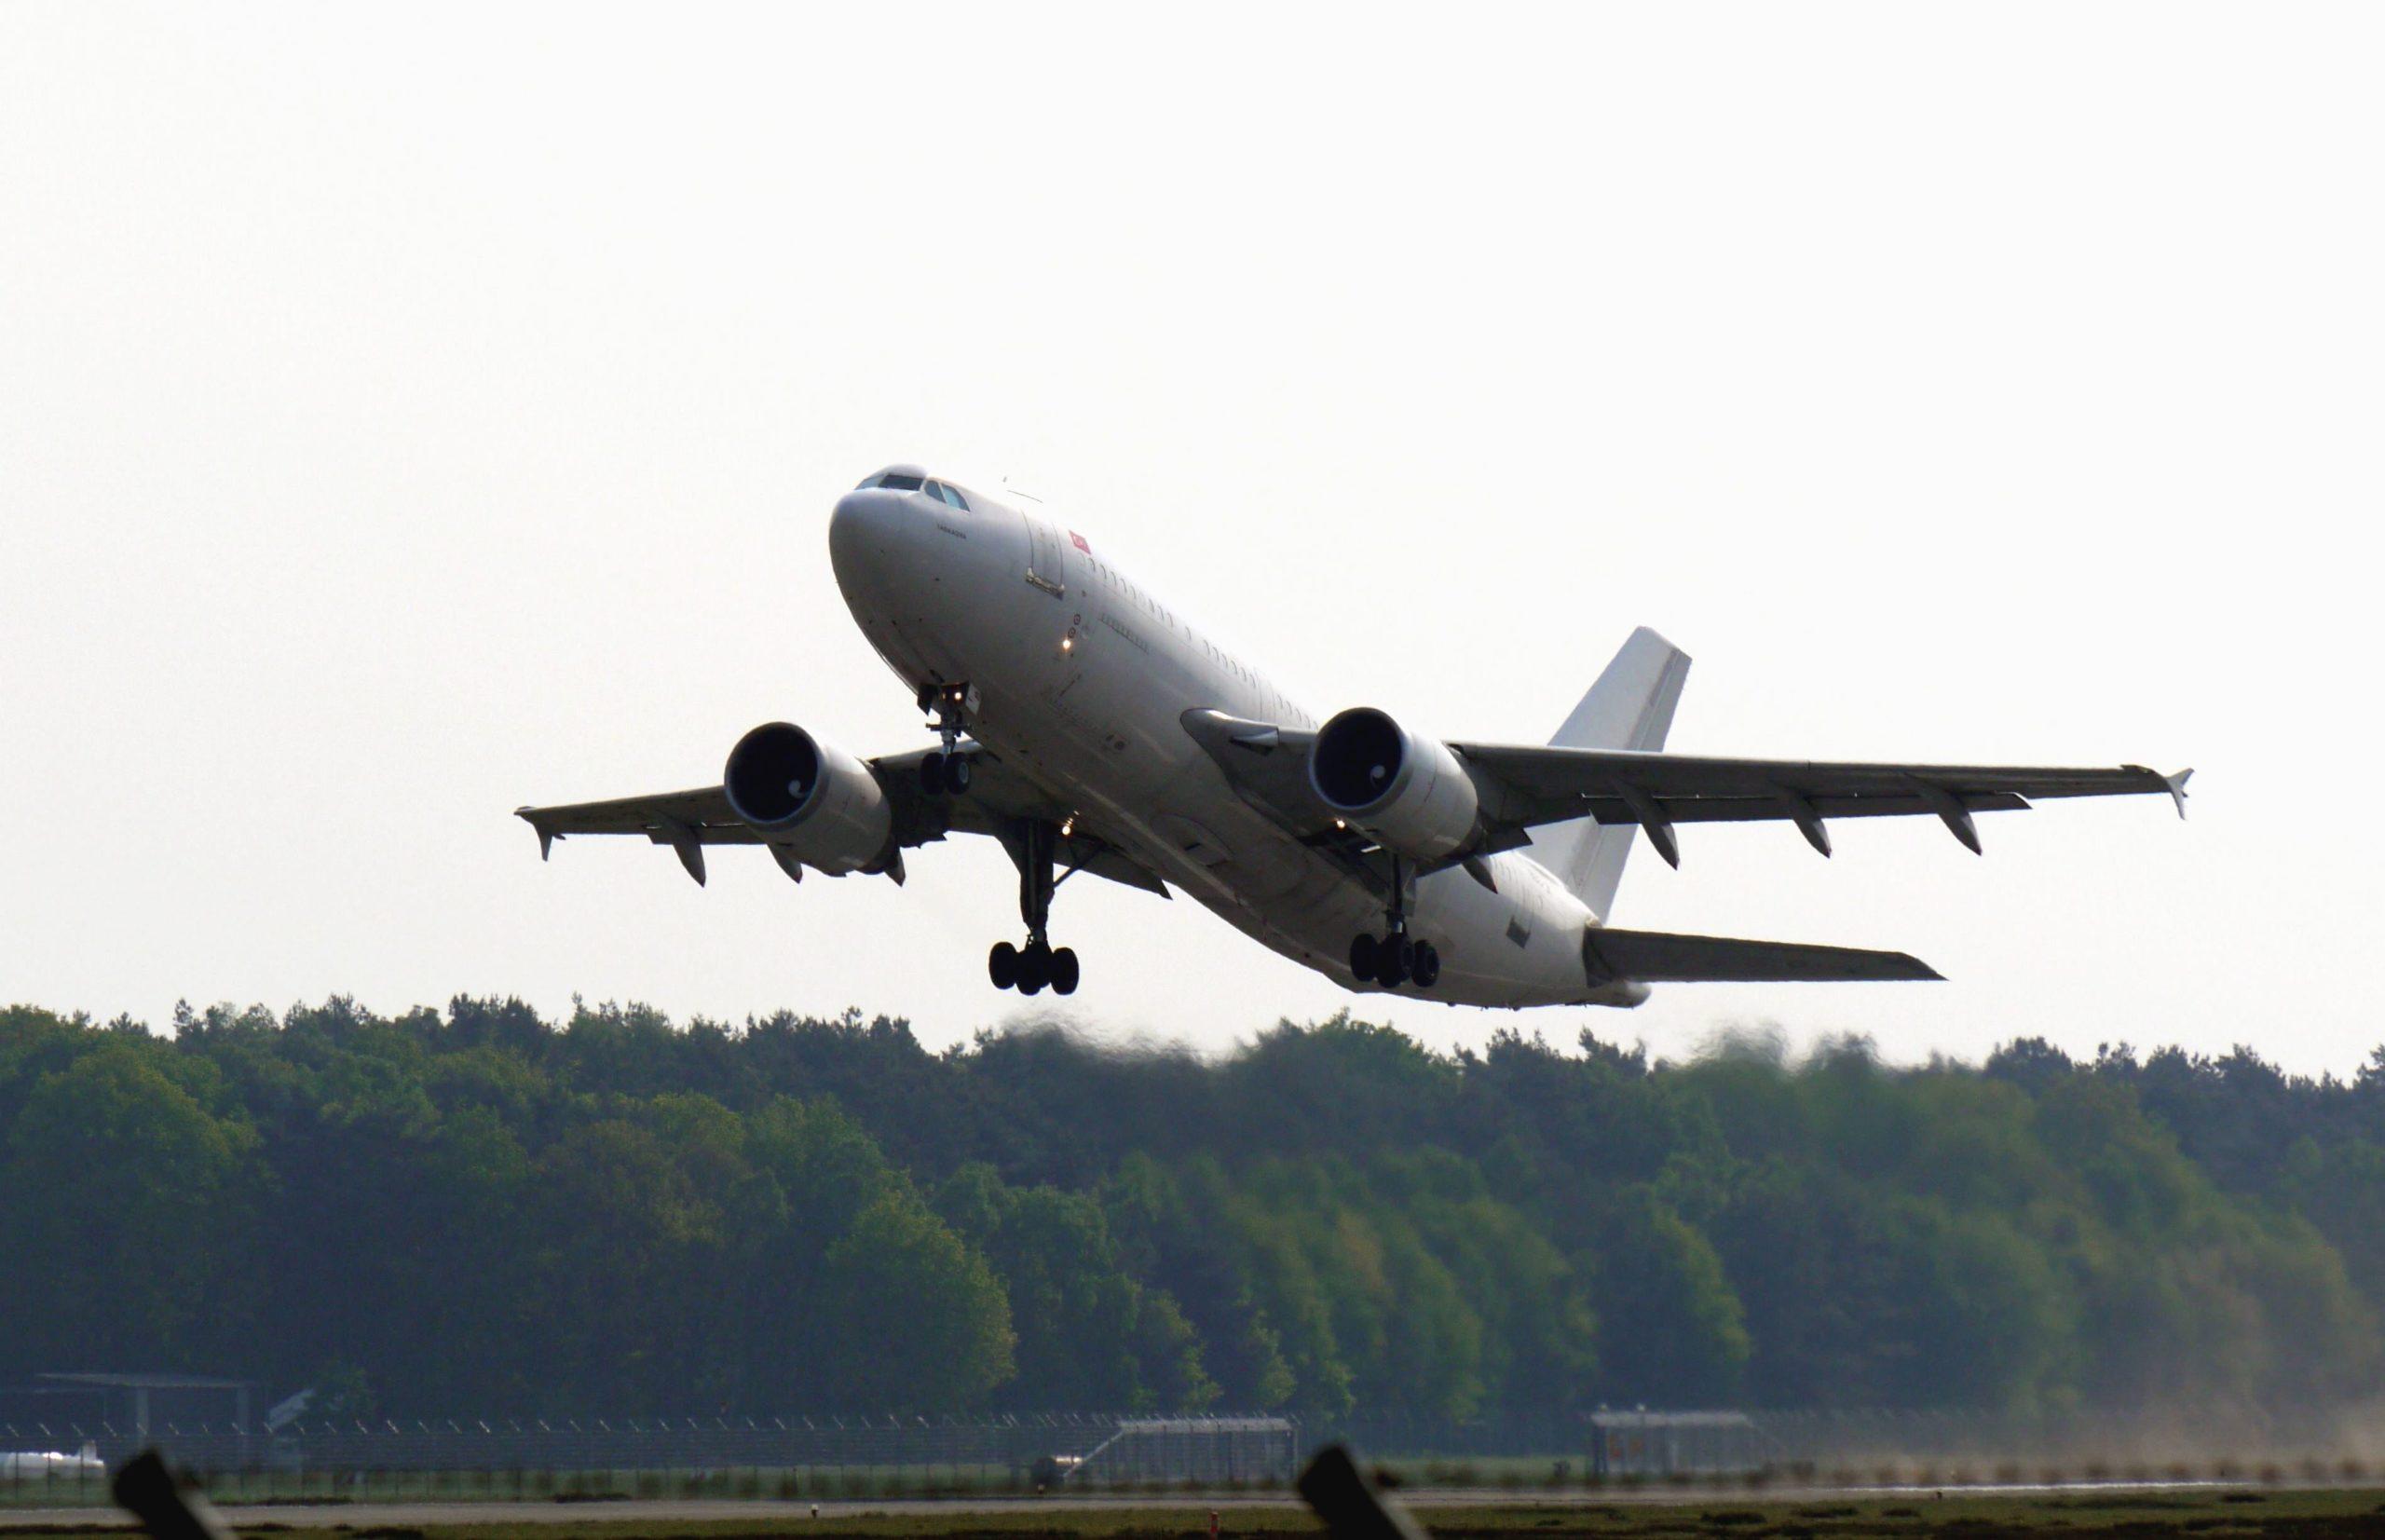 Quel est le type d'industrie des compagnies aériennes commerciales considéré